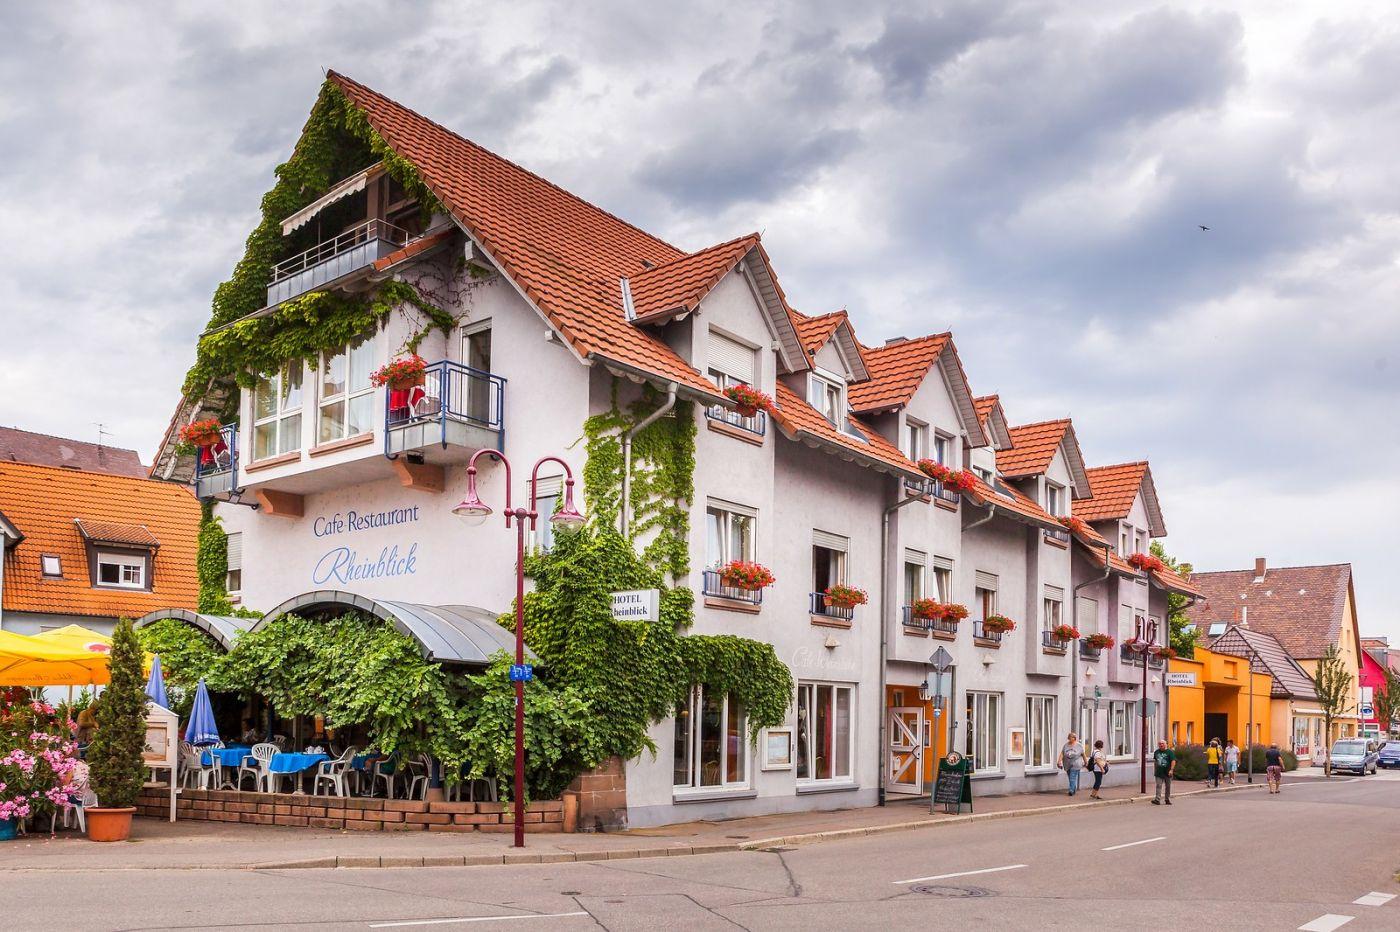 德国布赖萨赫(Breisach),城小历史久_图1-27